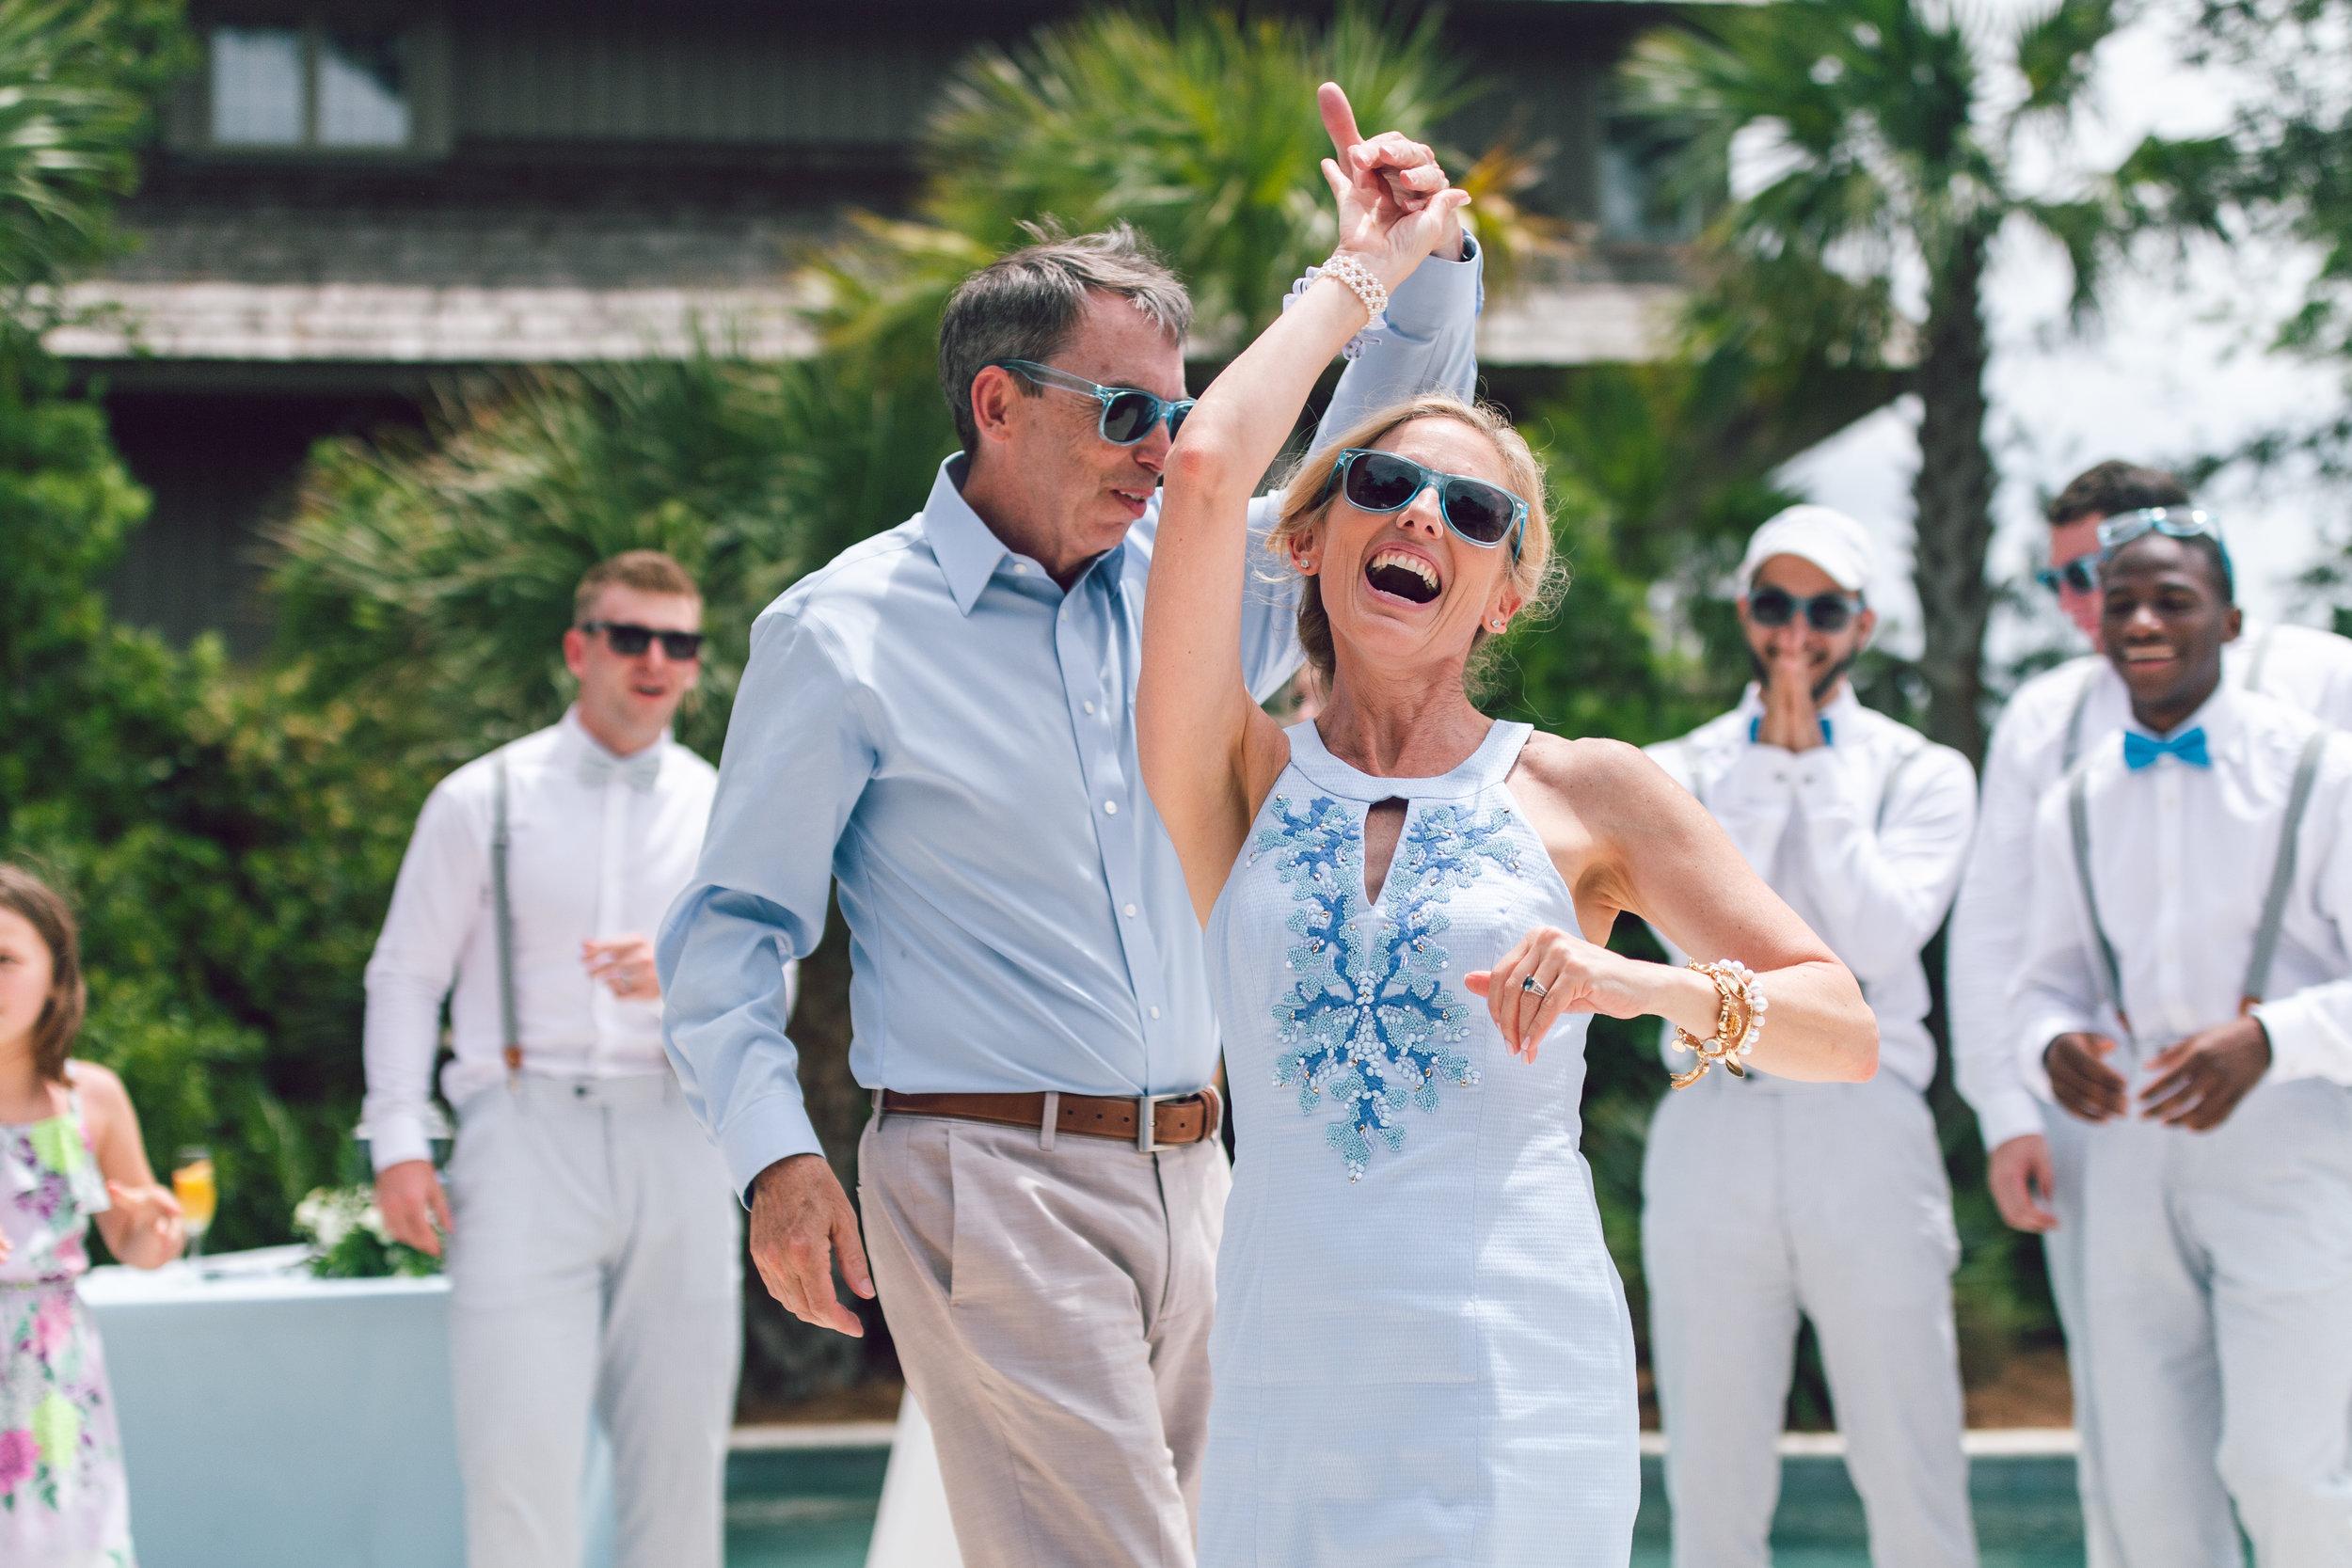 hilton-head-island-wedding-sc-reception155.jpg